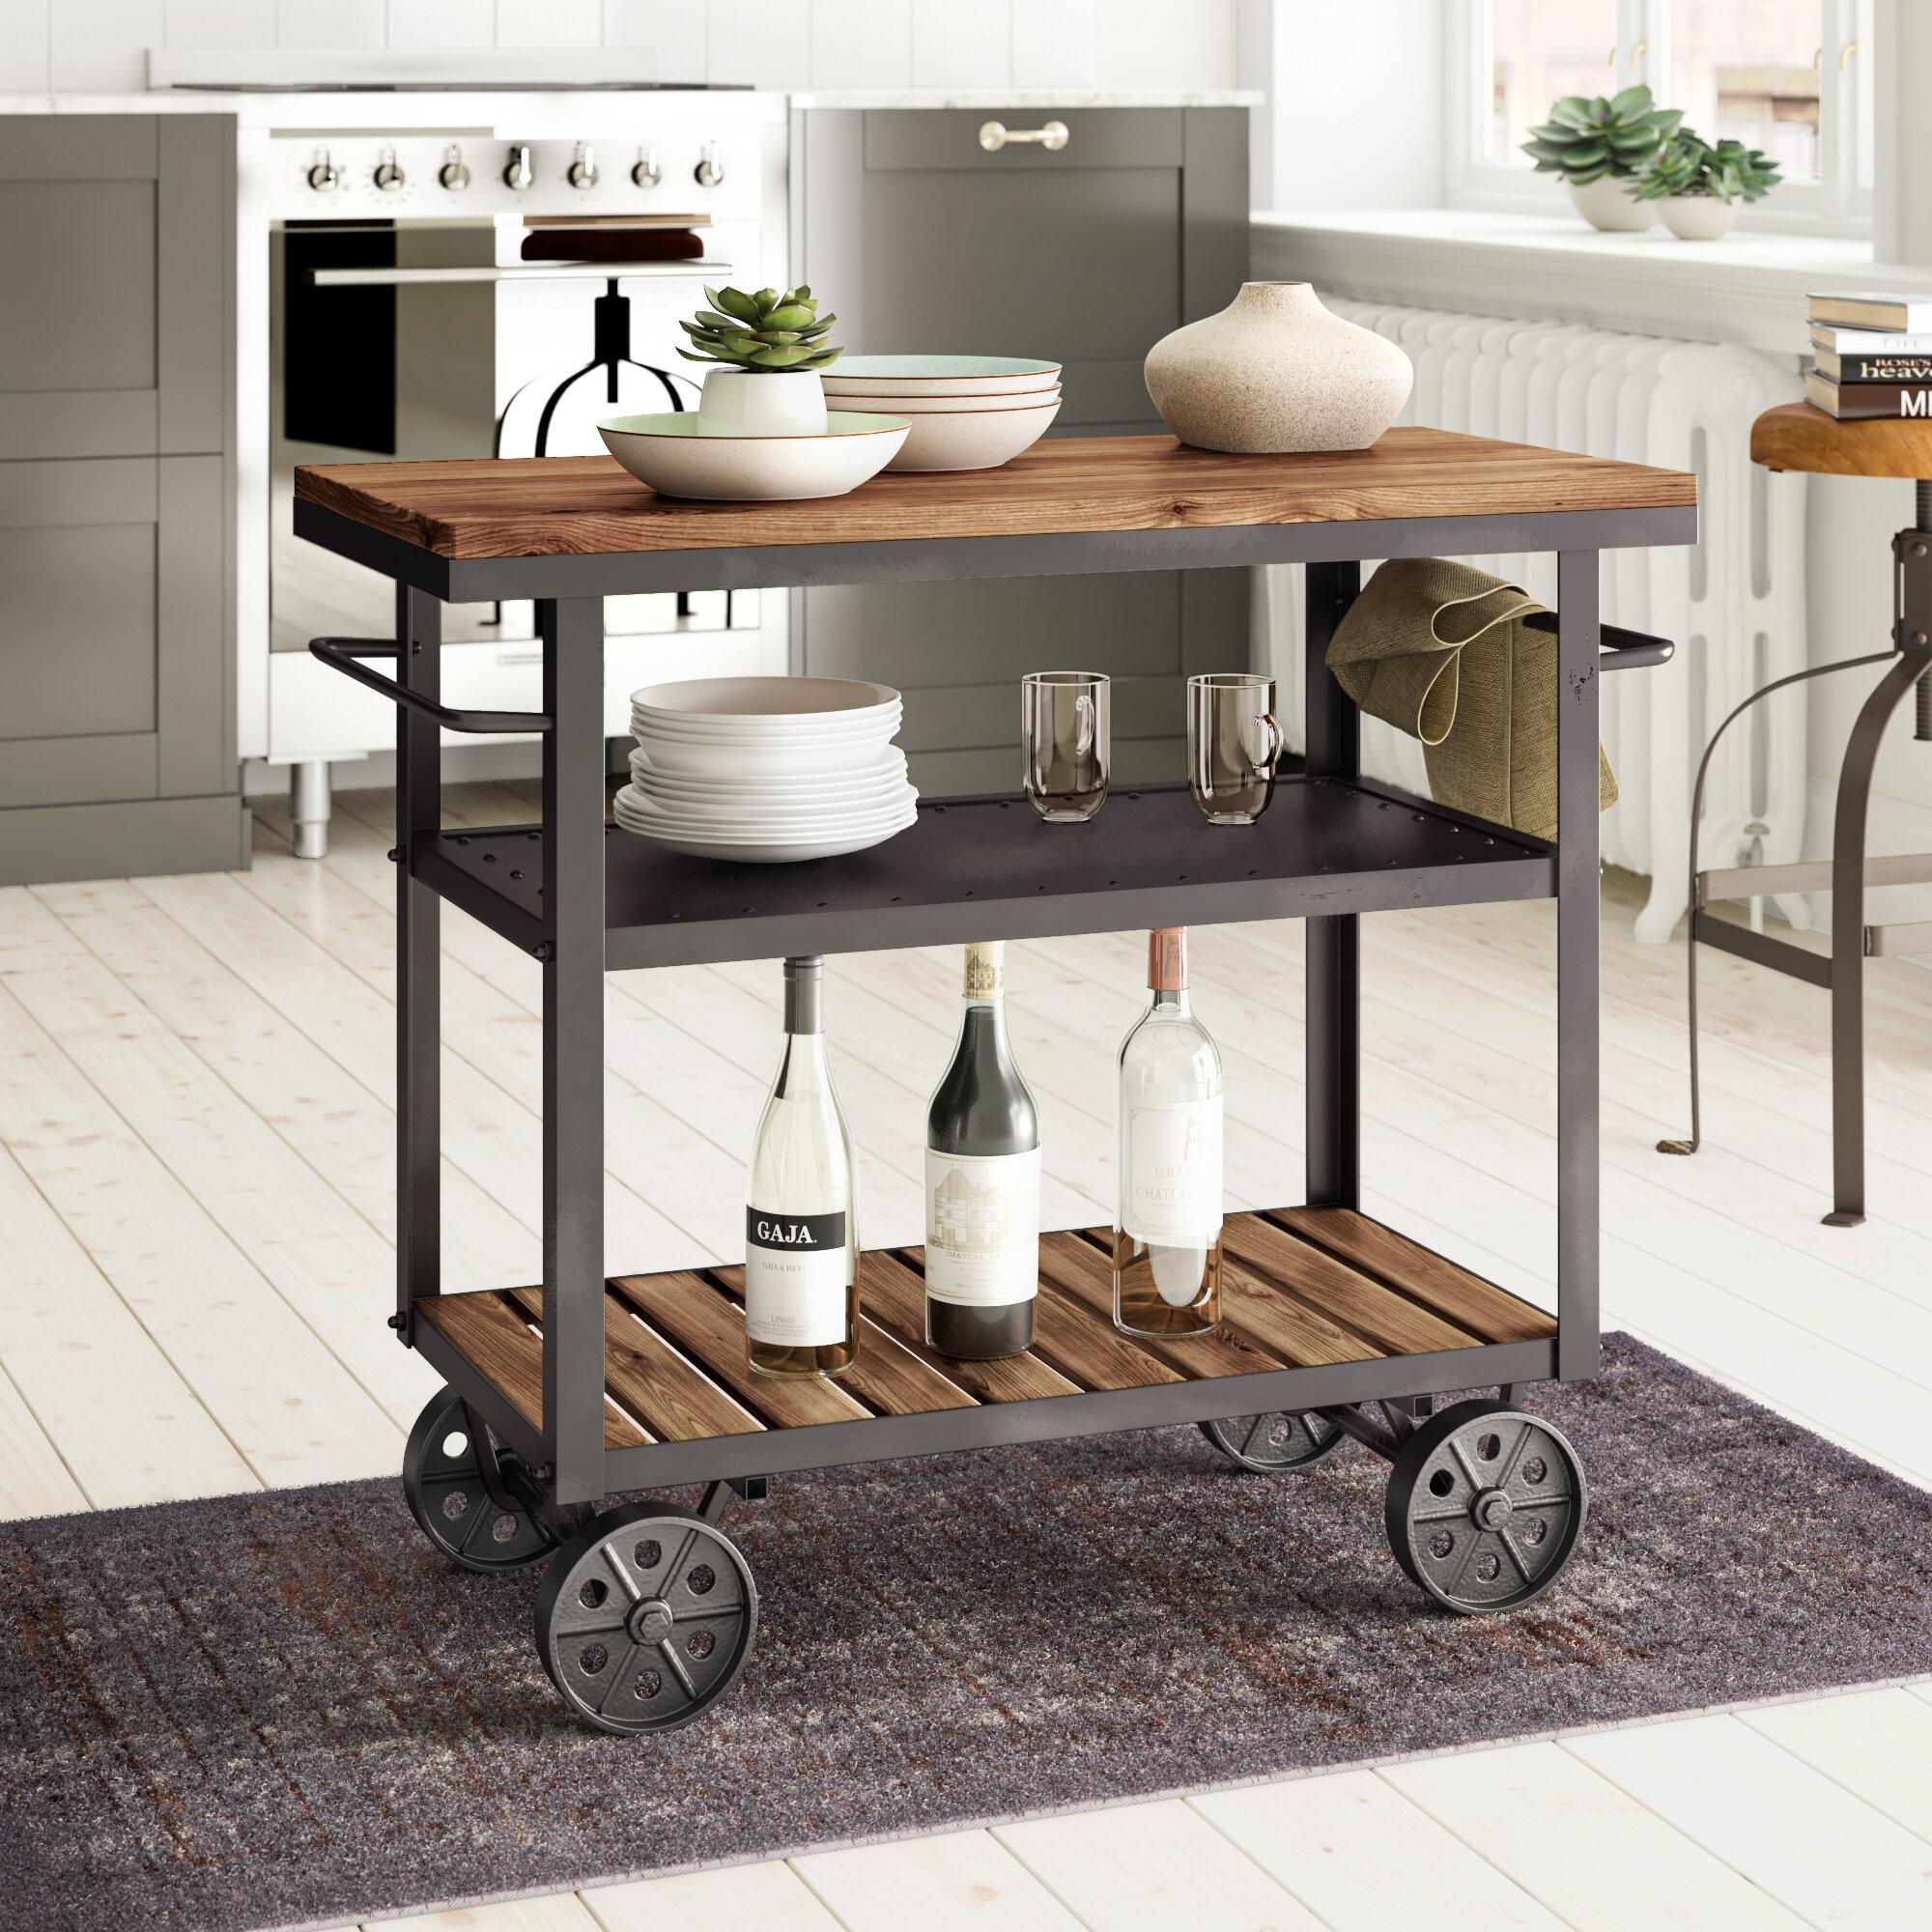 Full Size of Loftdesigns Kcheninsel Skowhegan Bewertungen Wayfairde Freistehende Küche Wohnzimmer Kücheninsel Freistehend